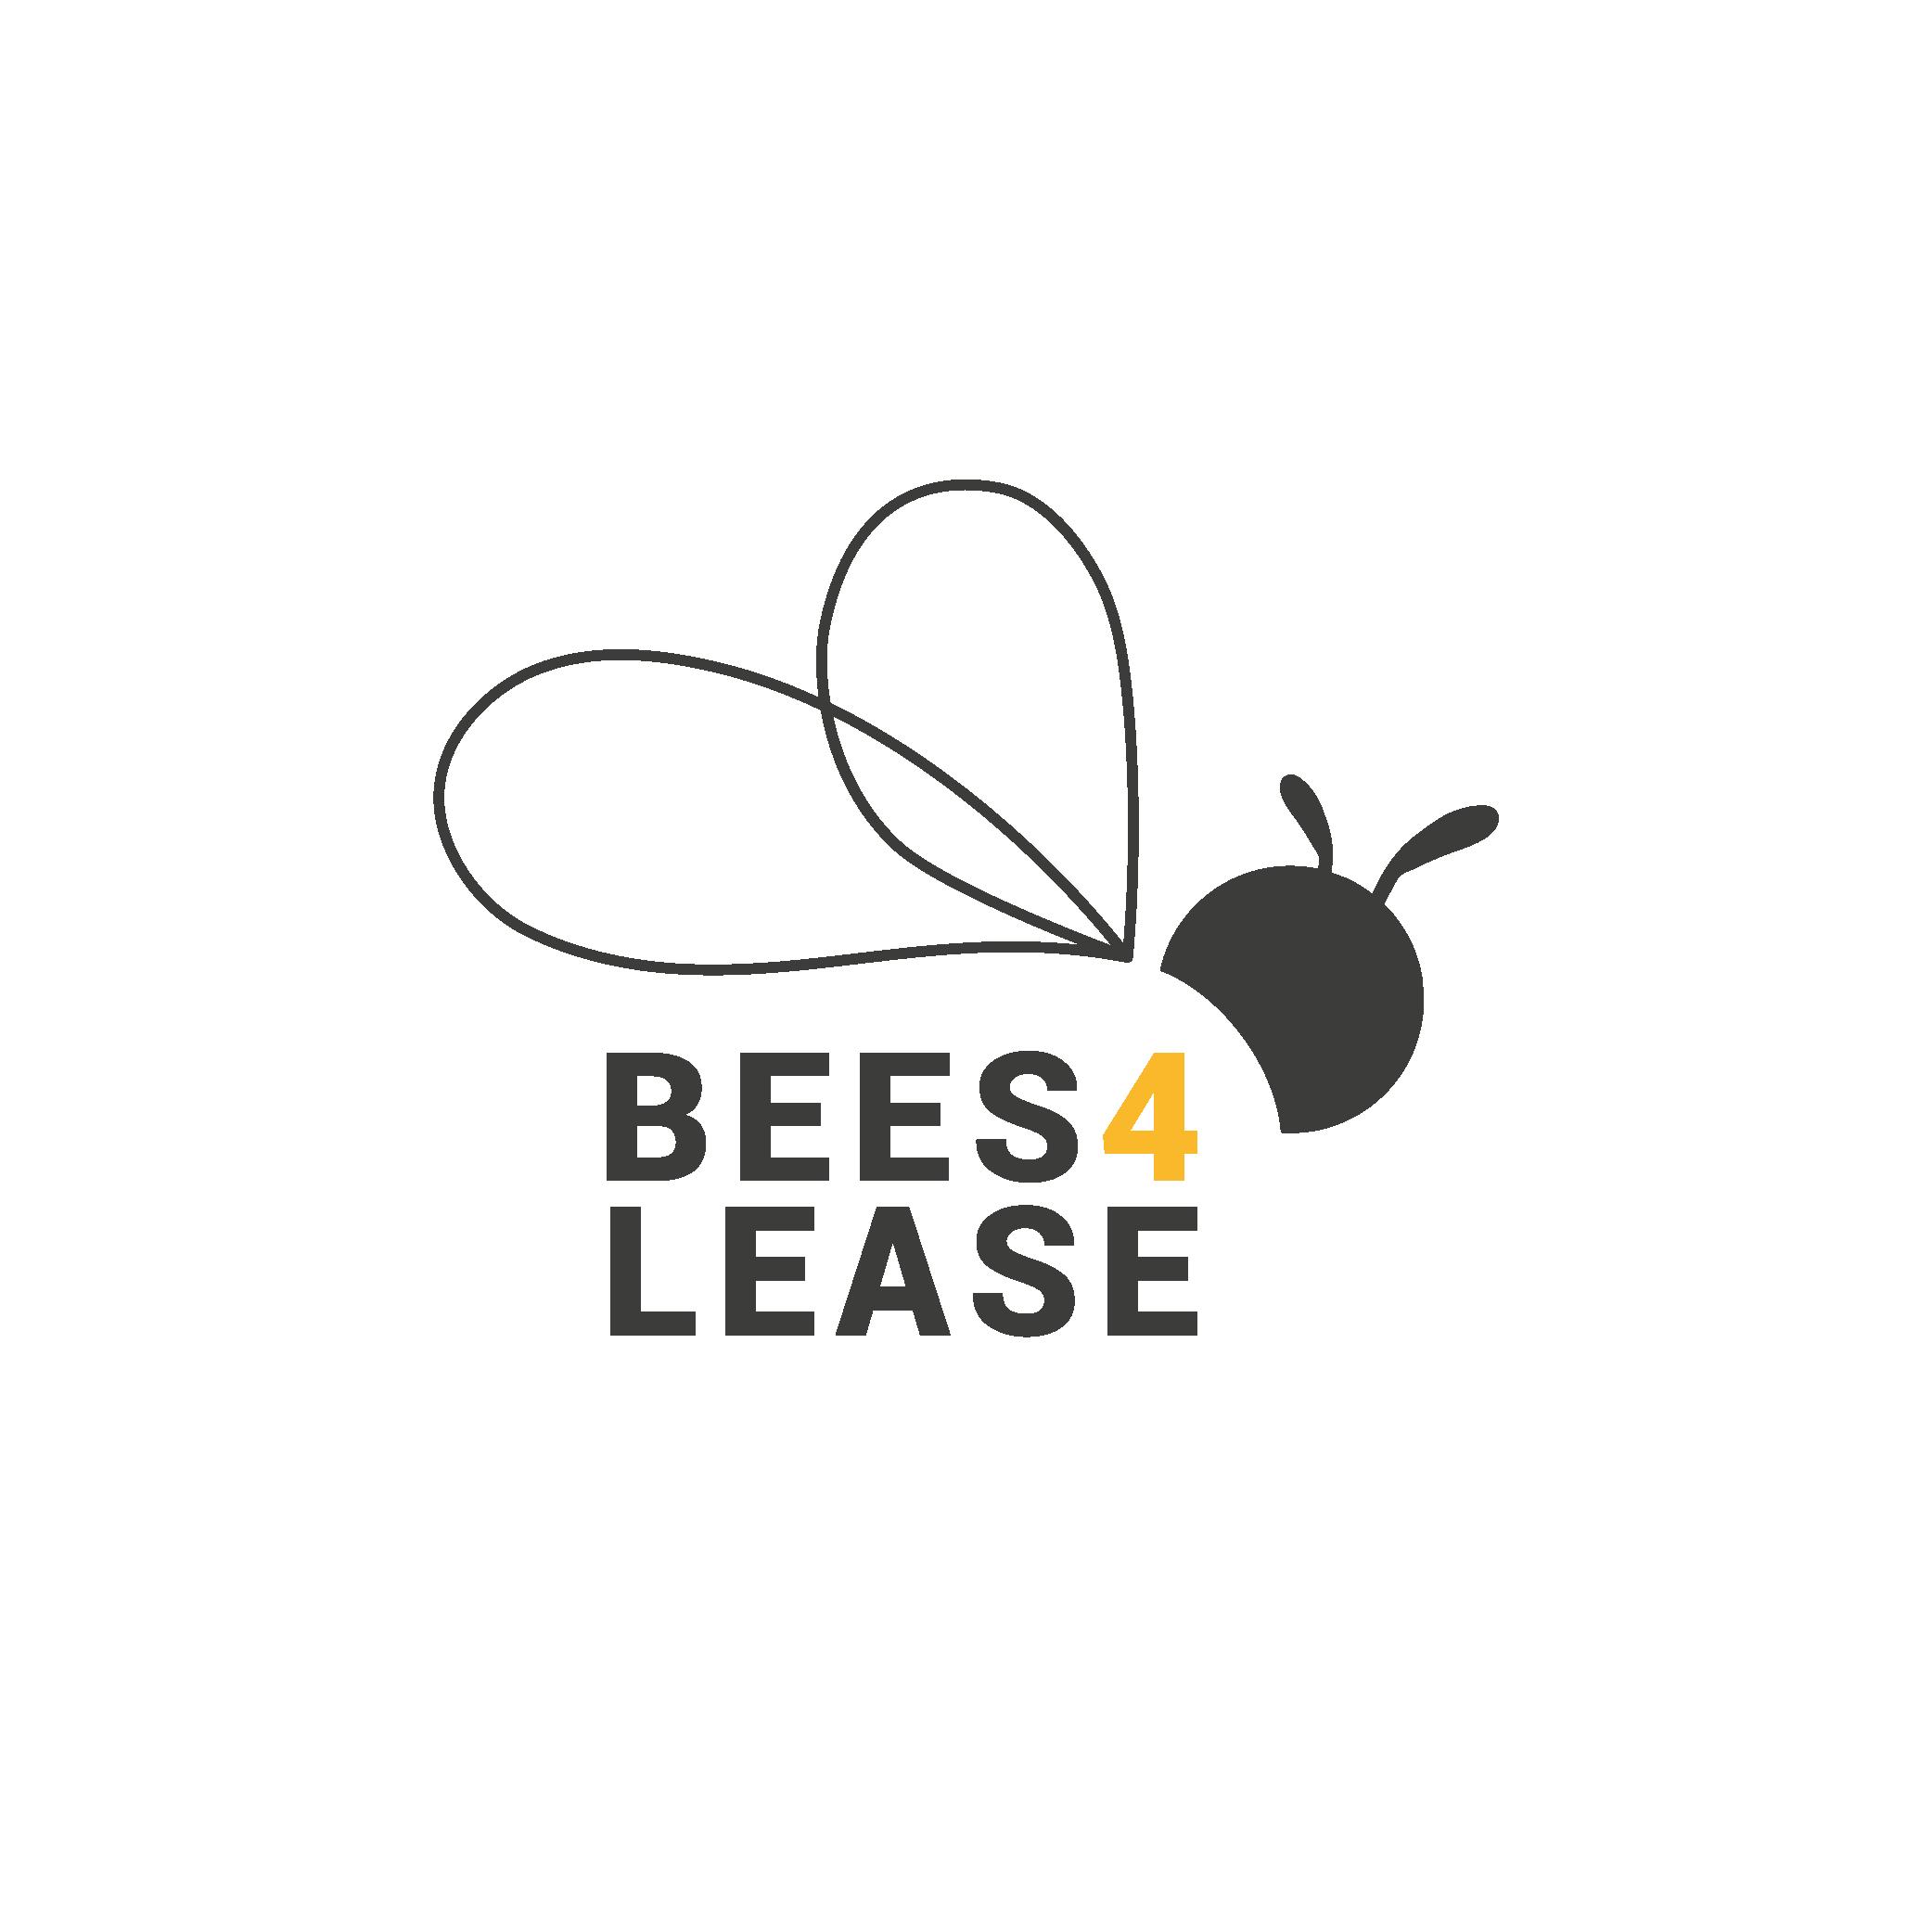 Erstelle DAS Logo für eine Marktlücke im Umweltschutz